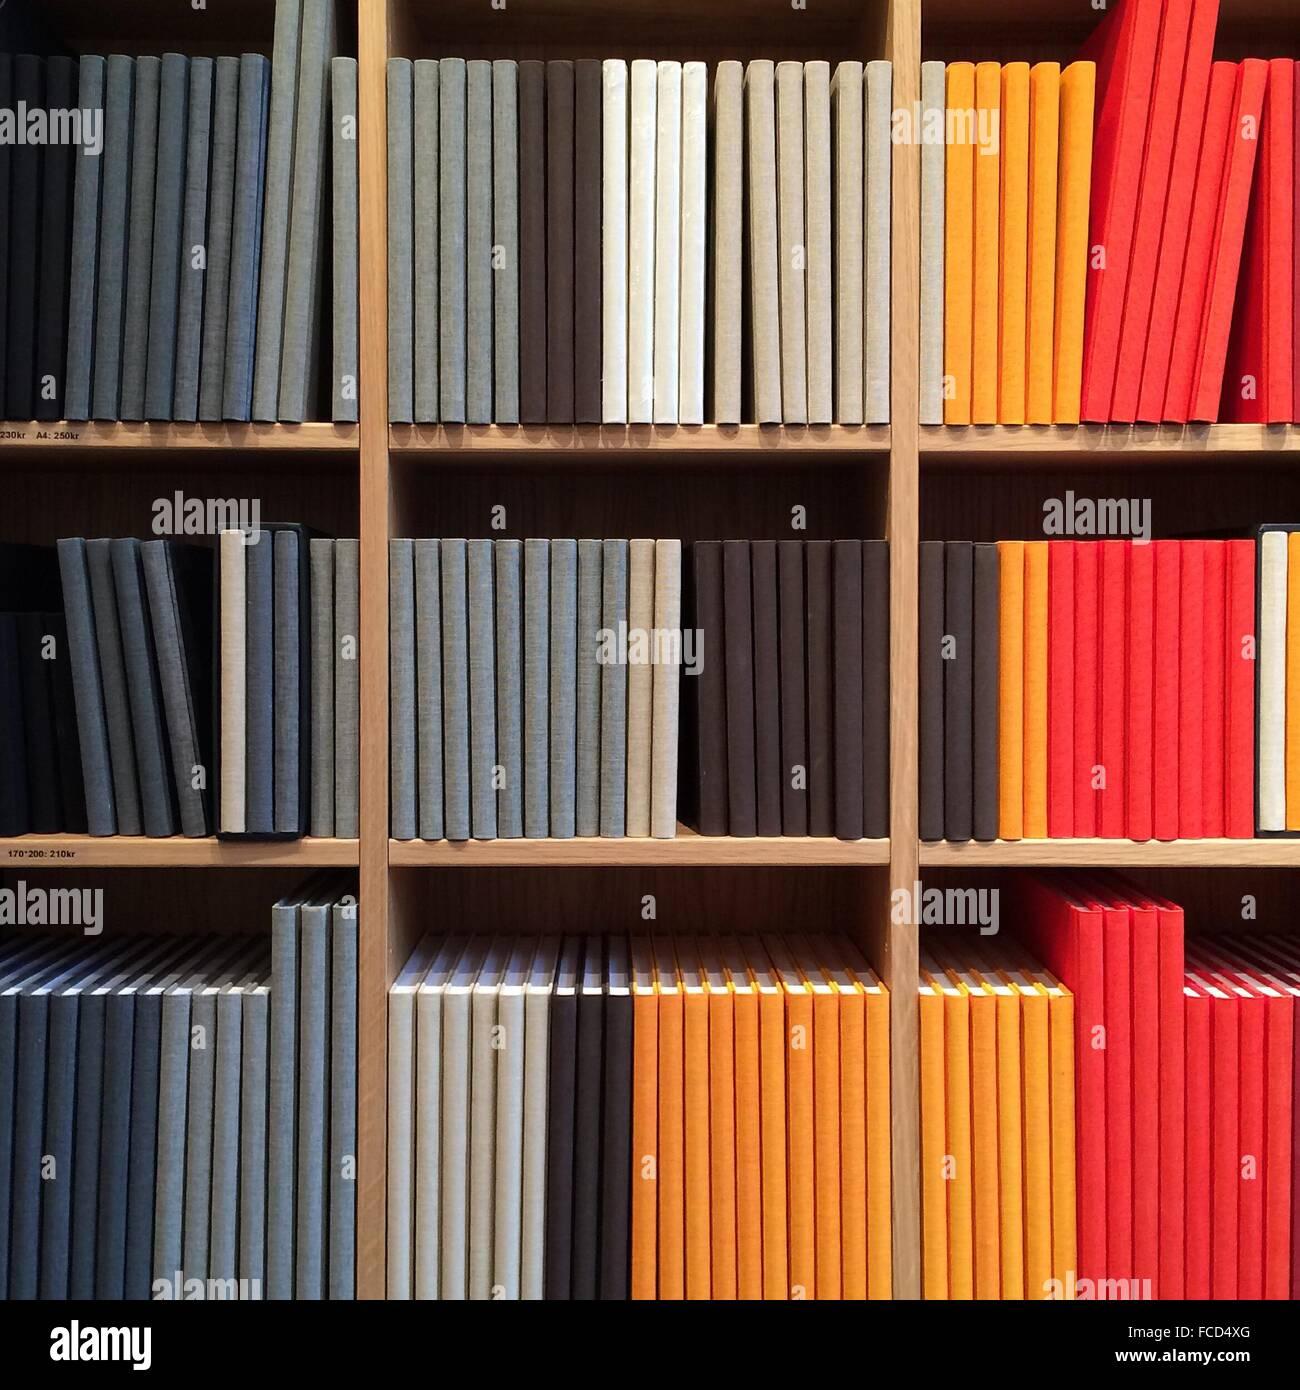 Full Frame View Of Bookshelf - Stock Image